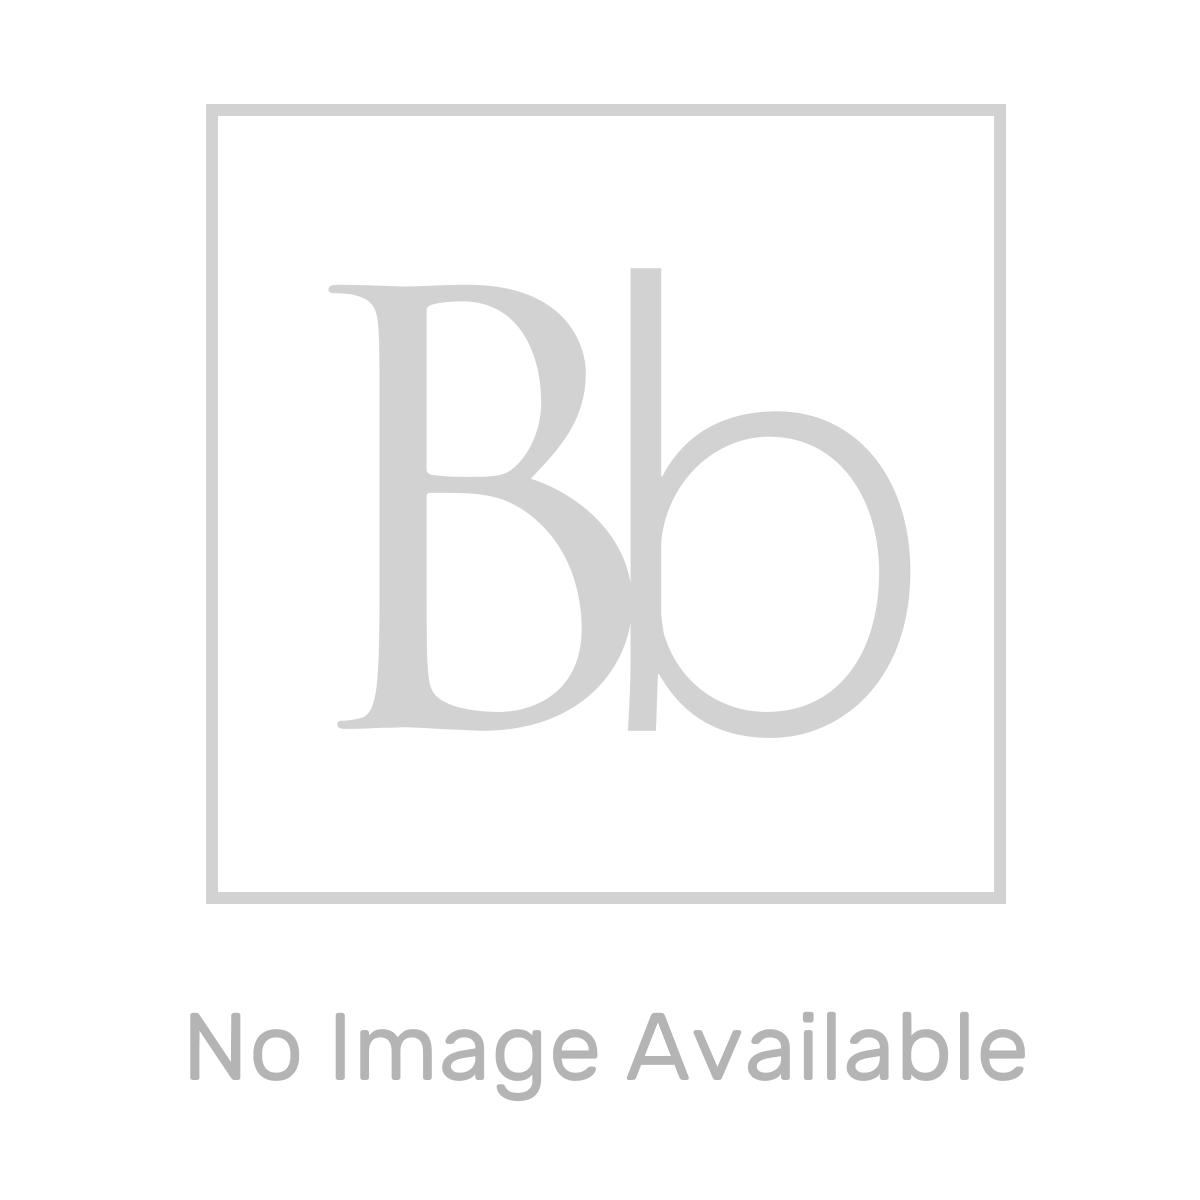 Nuie Athena Hacienda Black 4 Door Floor Standing Vanity Unit with Double Basin 1200mm Line Drawing